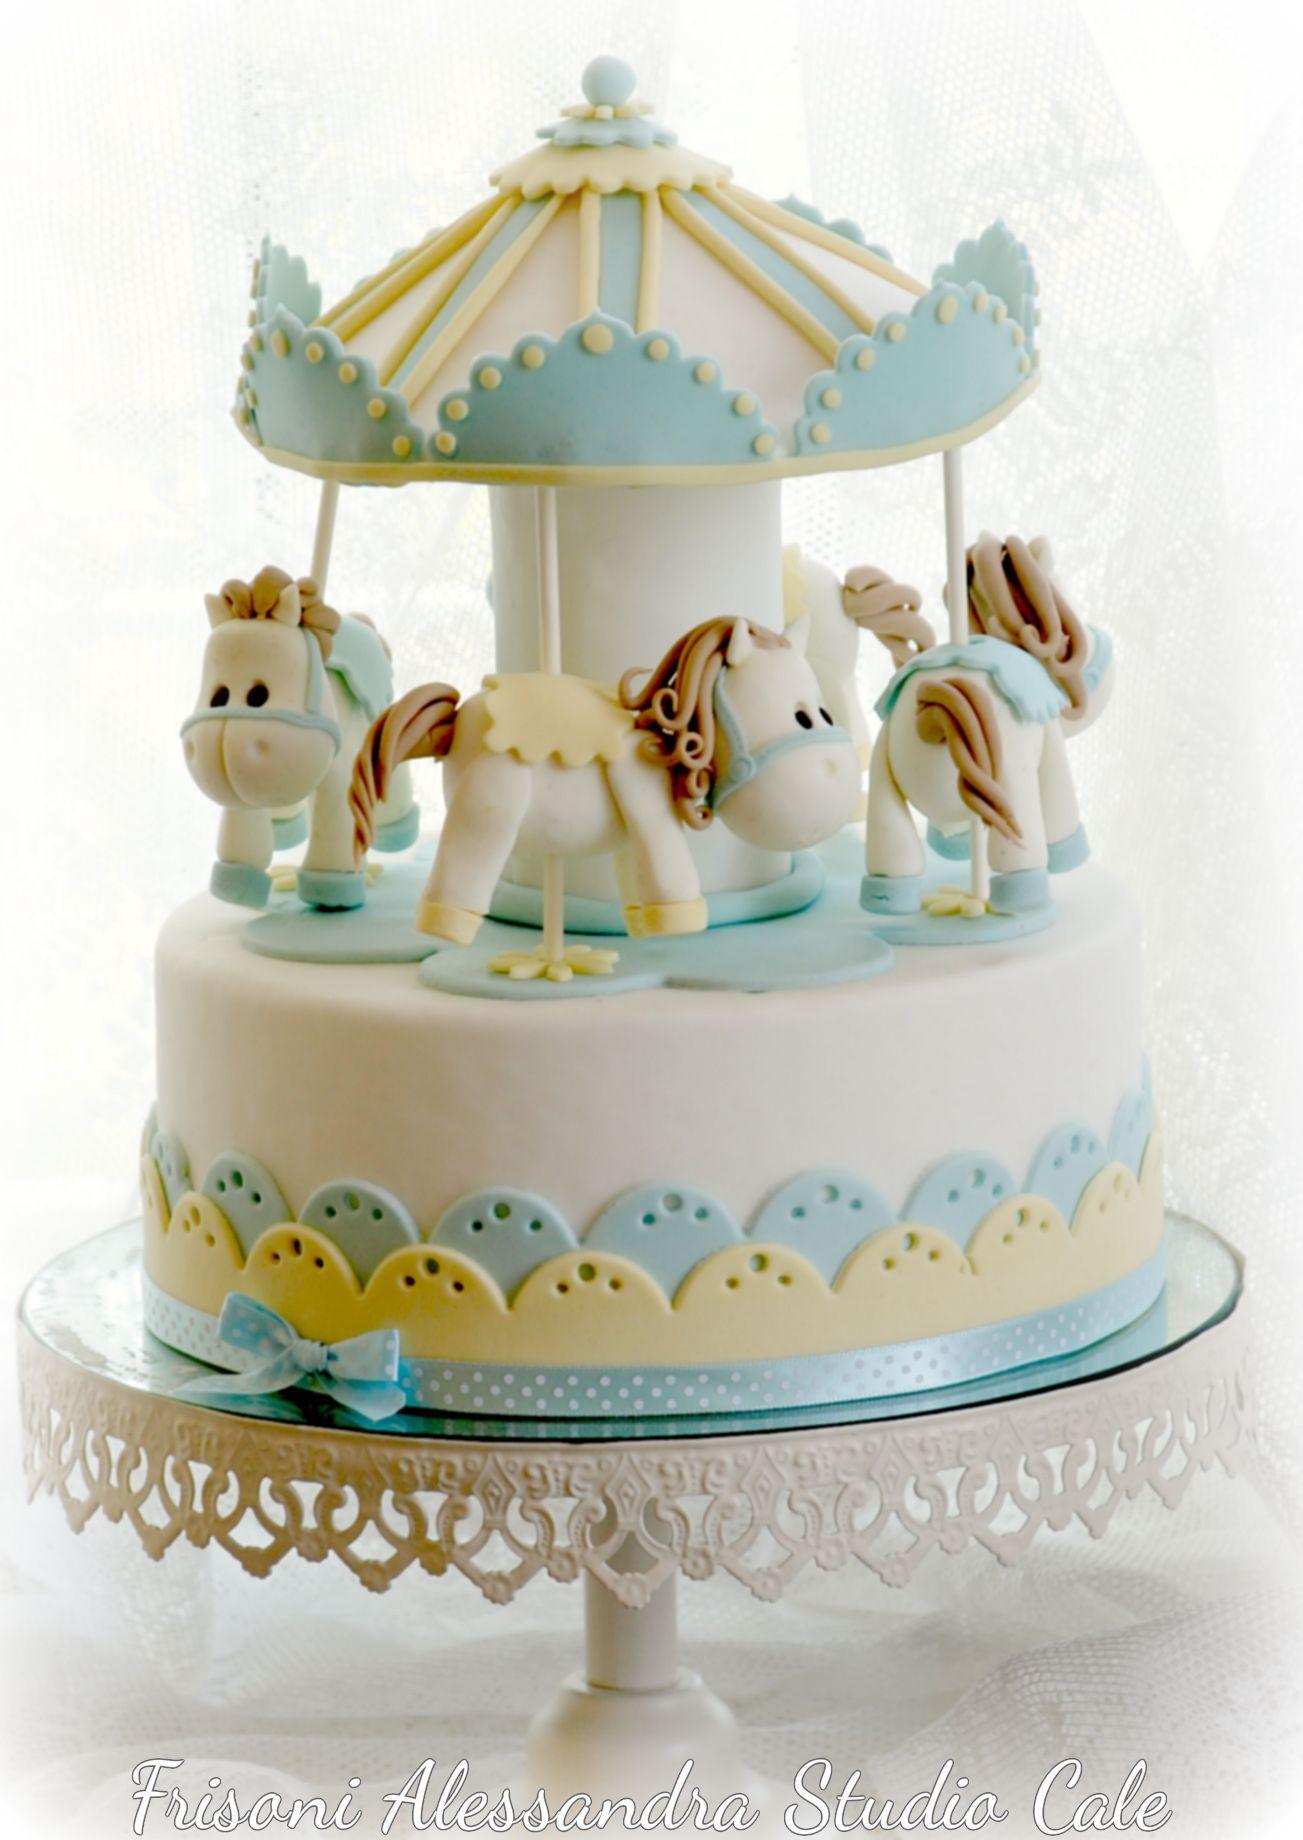 Alessandra-Frisoni-Frisoni-Alessandra-Studio-Cake-Birthday-Baby-19.jpg#asset:15694